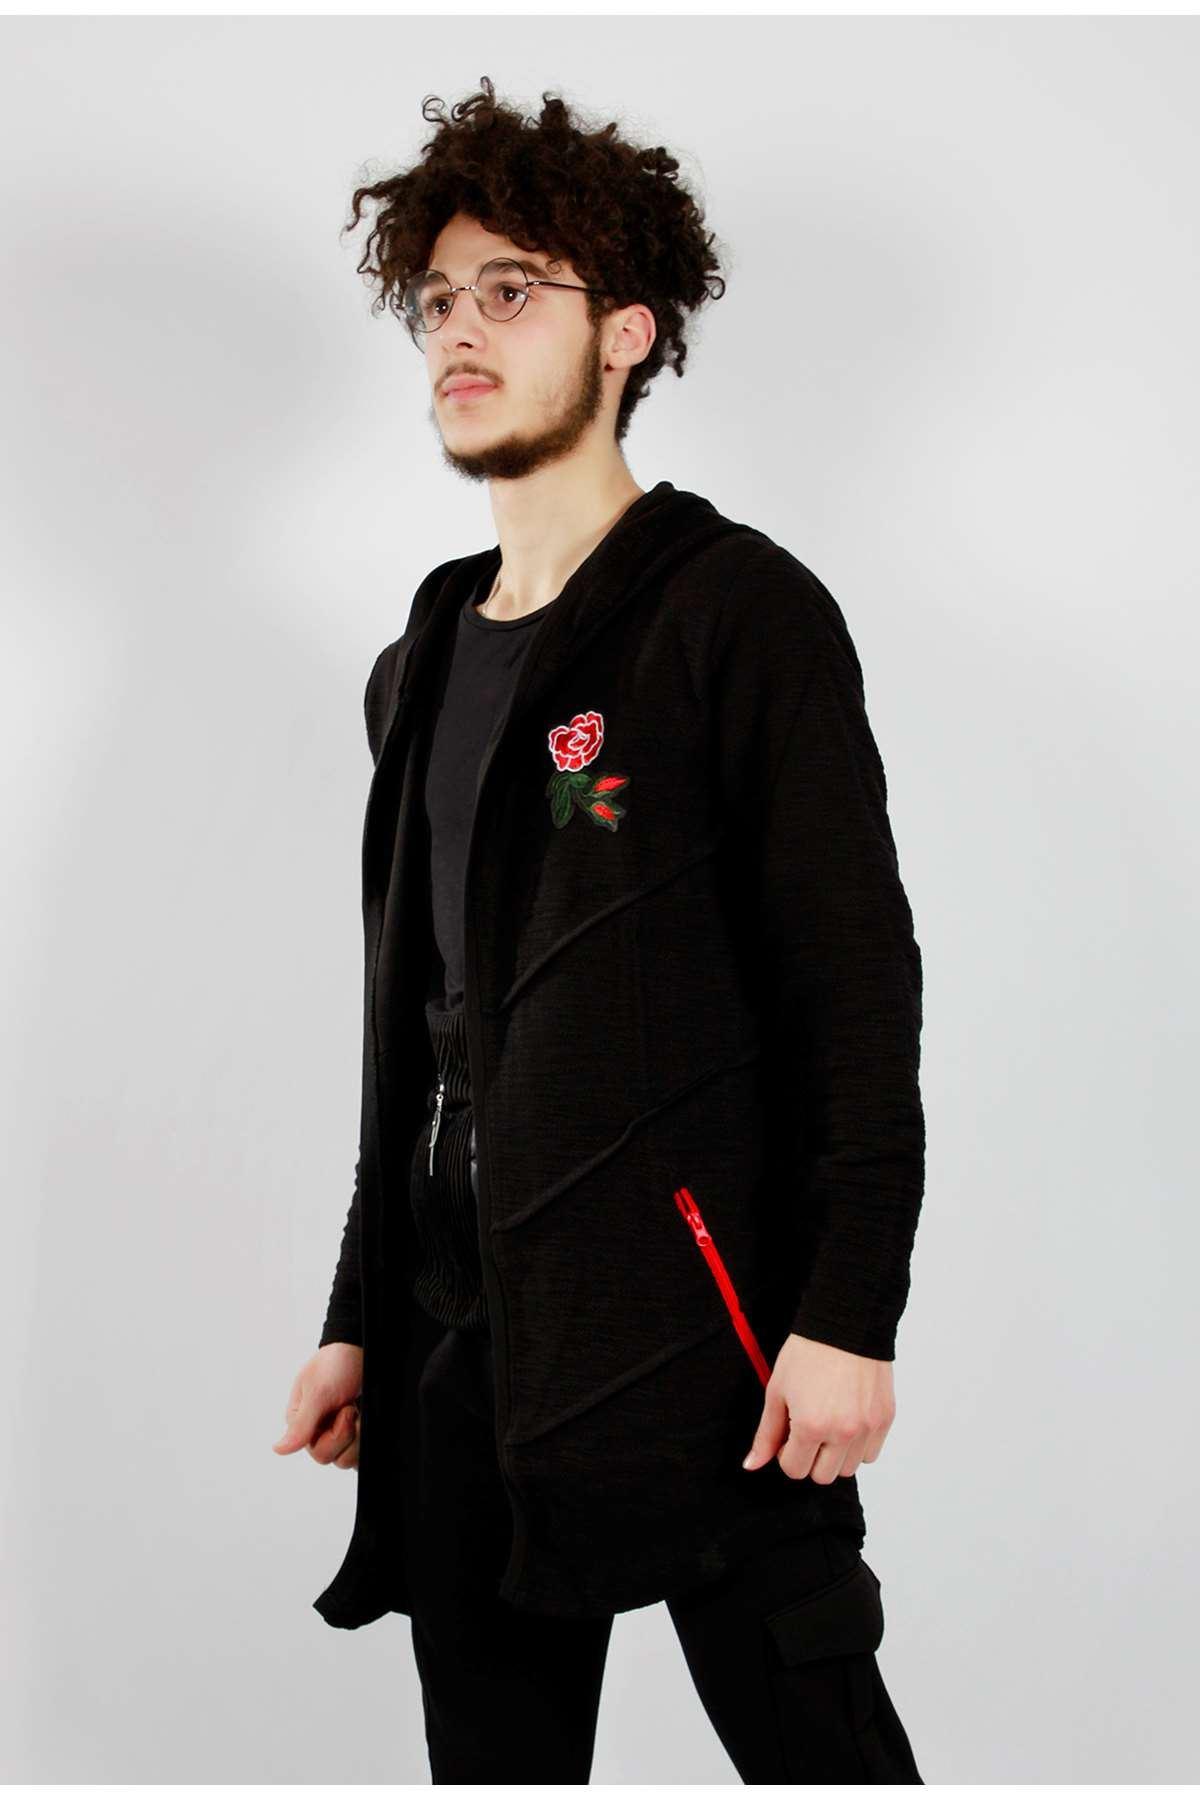 Göğüs Çiçek Armalı Kapşonlu Panço Sweatshirt Siyah